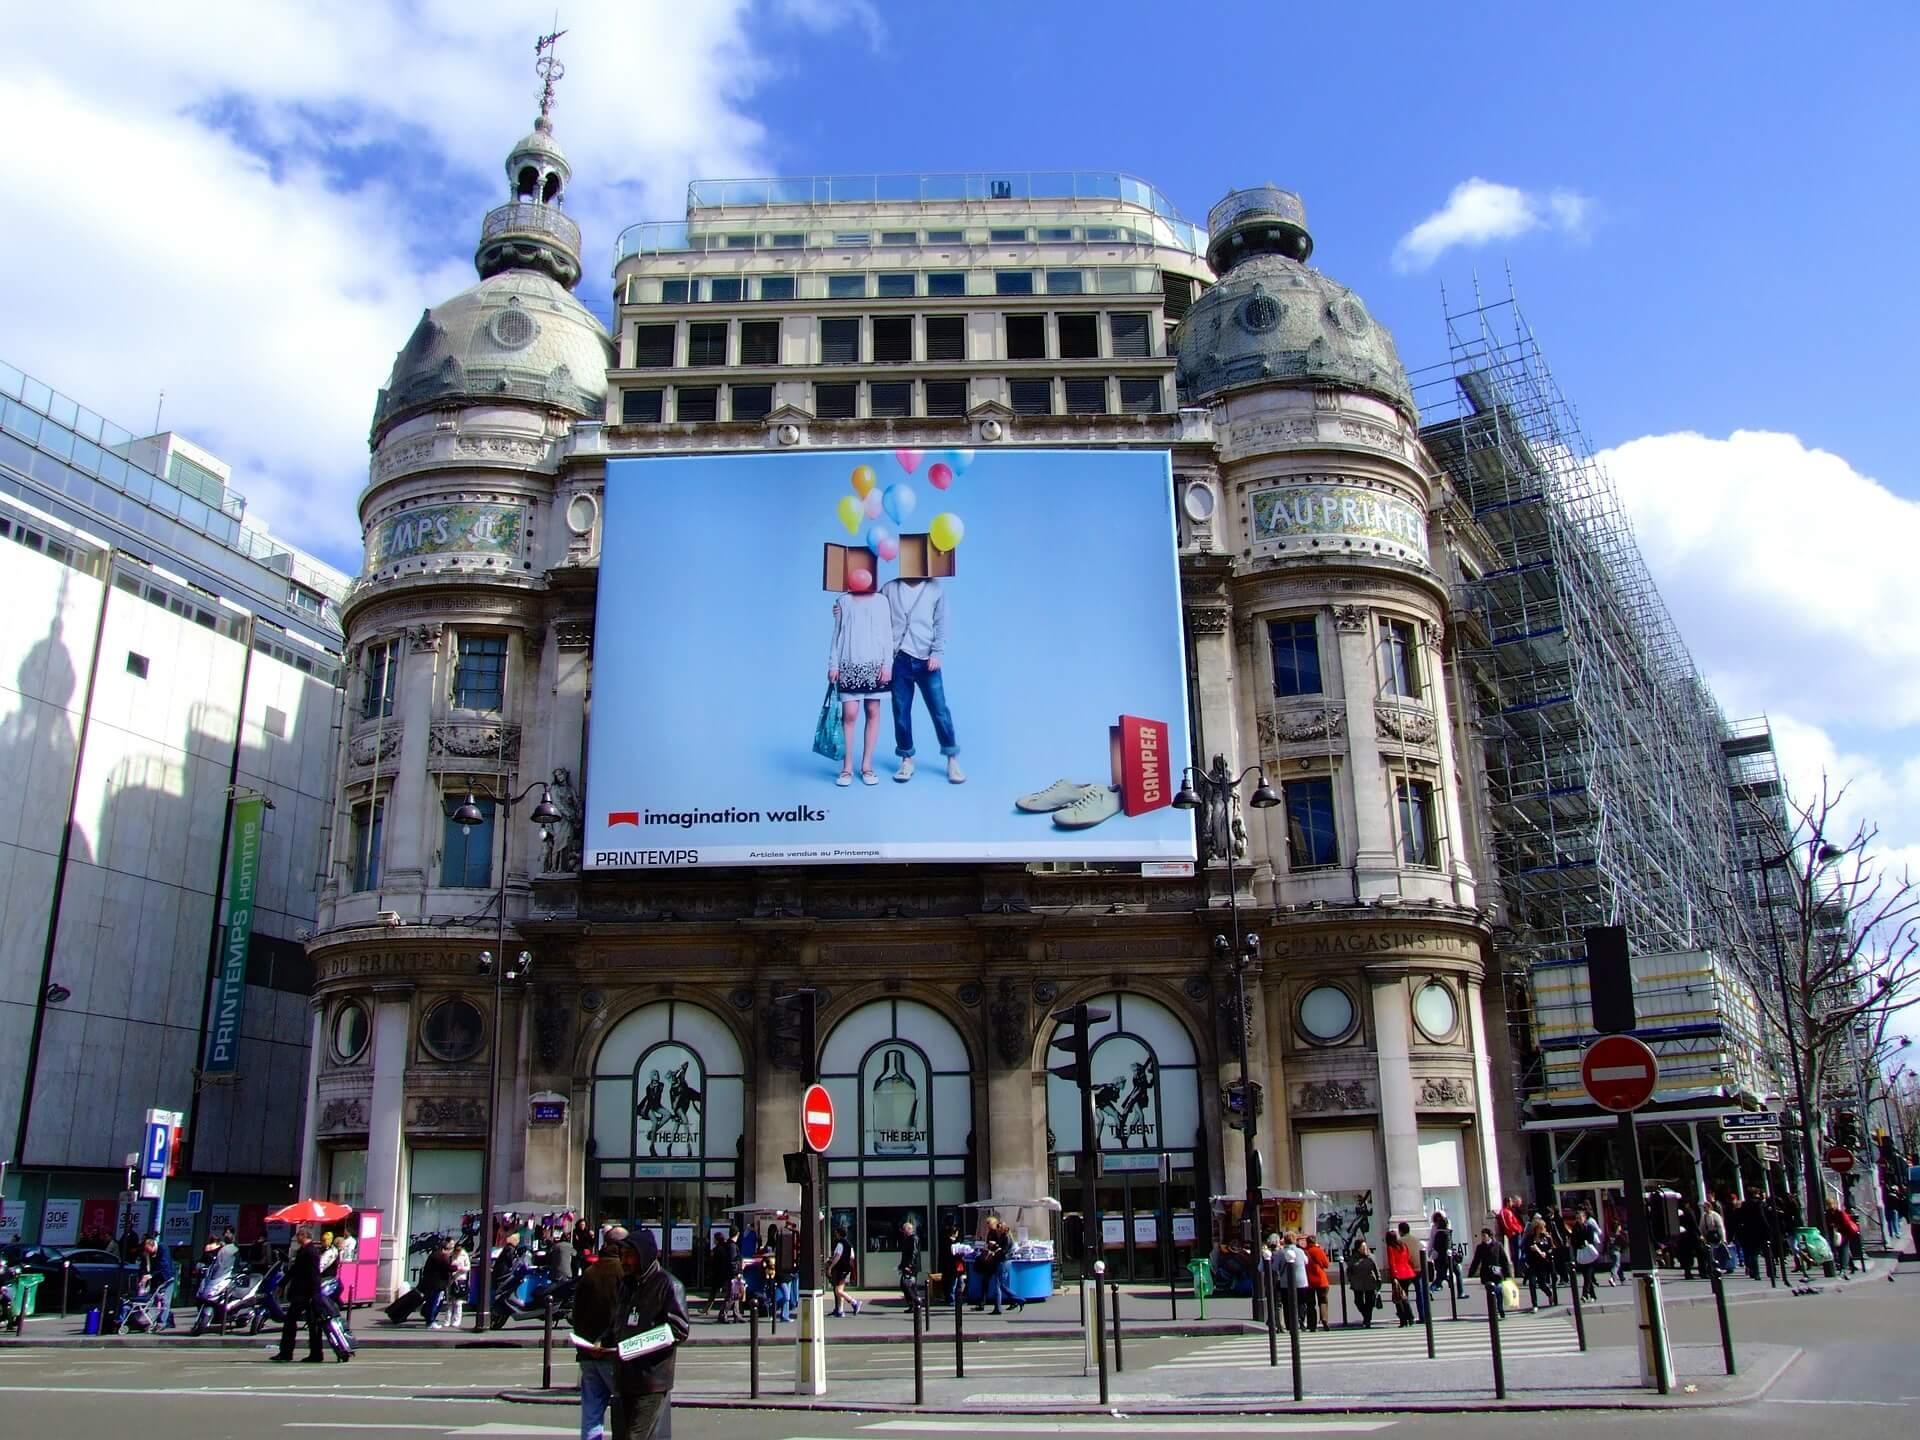 Plakatwerbung an einer Hauswand als beispiel für offline Marketing-Maßnahmen